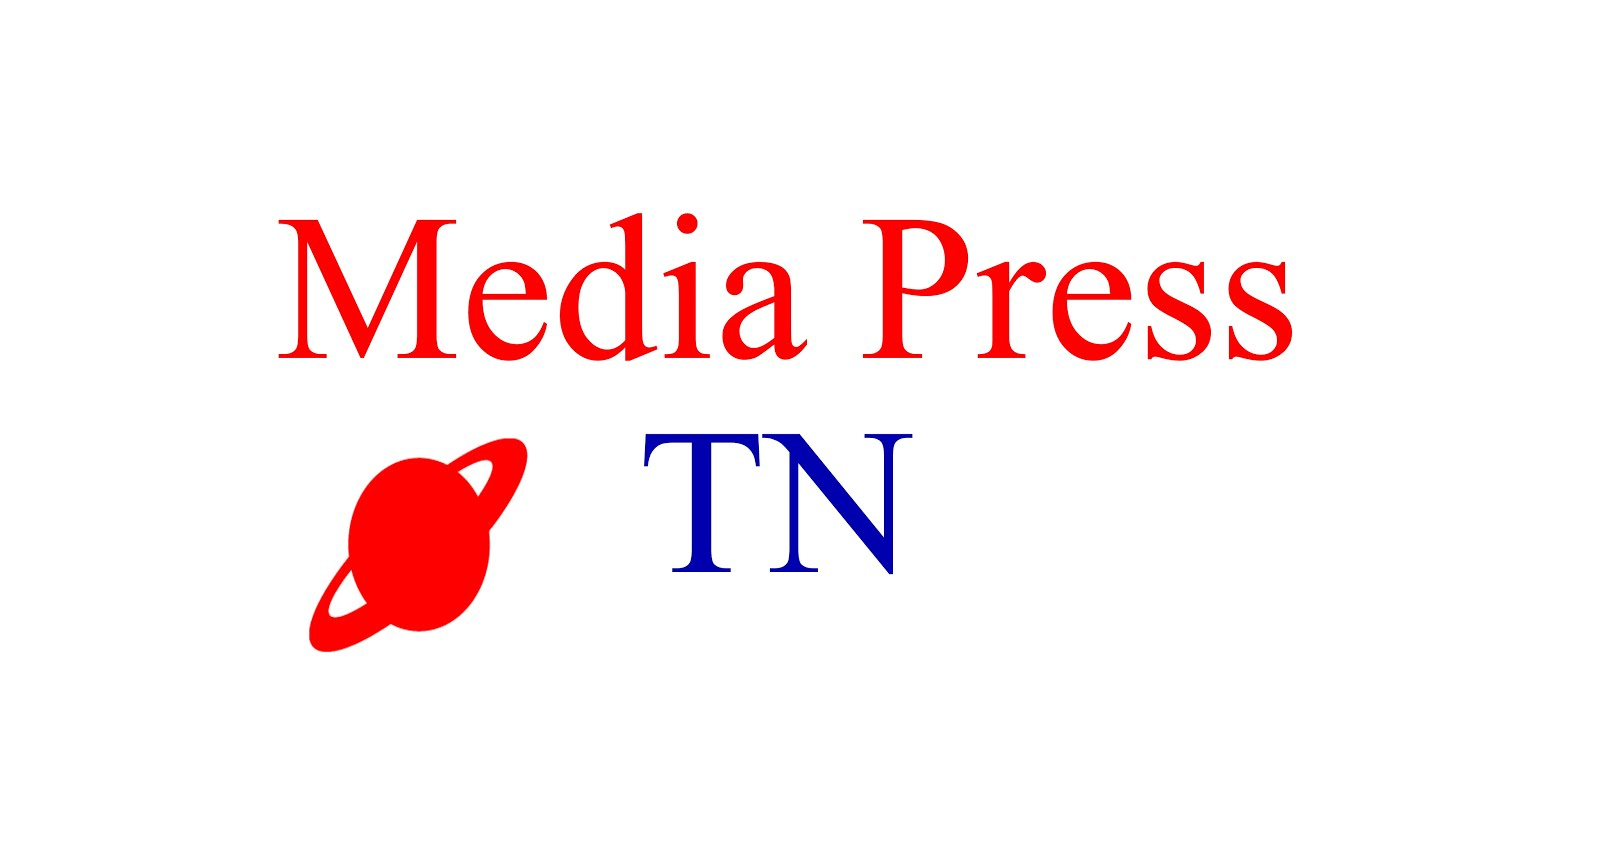 Media Press TN ميديا برس